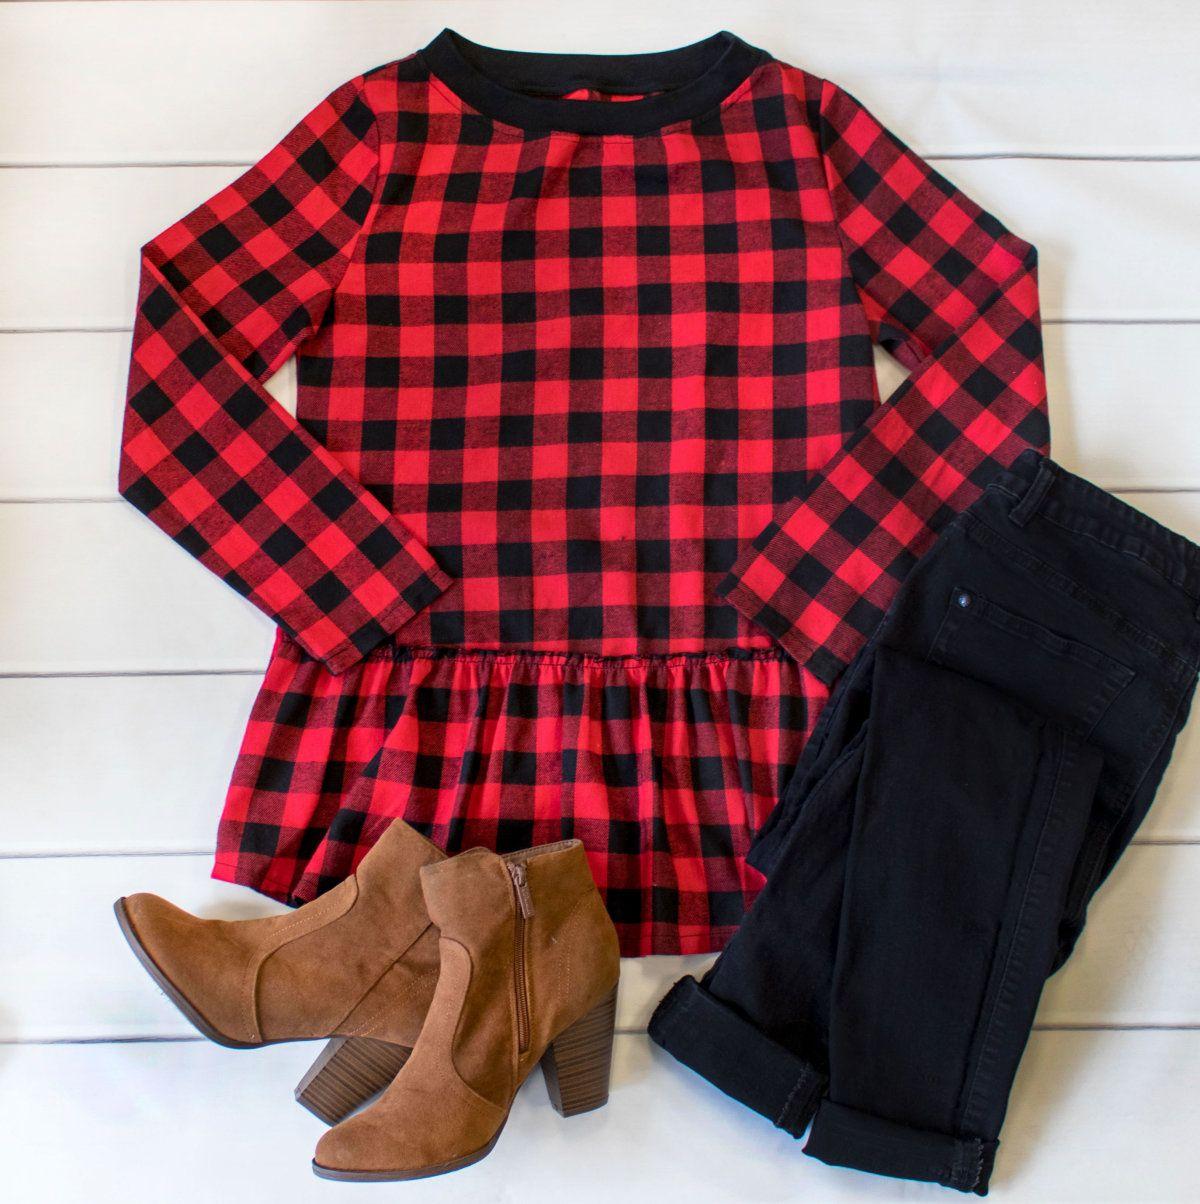 Buffalo Plaid Peplum Peplum Top Outfits Plaid Outfits Outfits